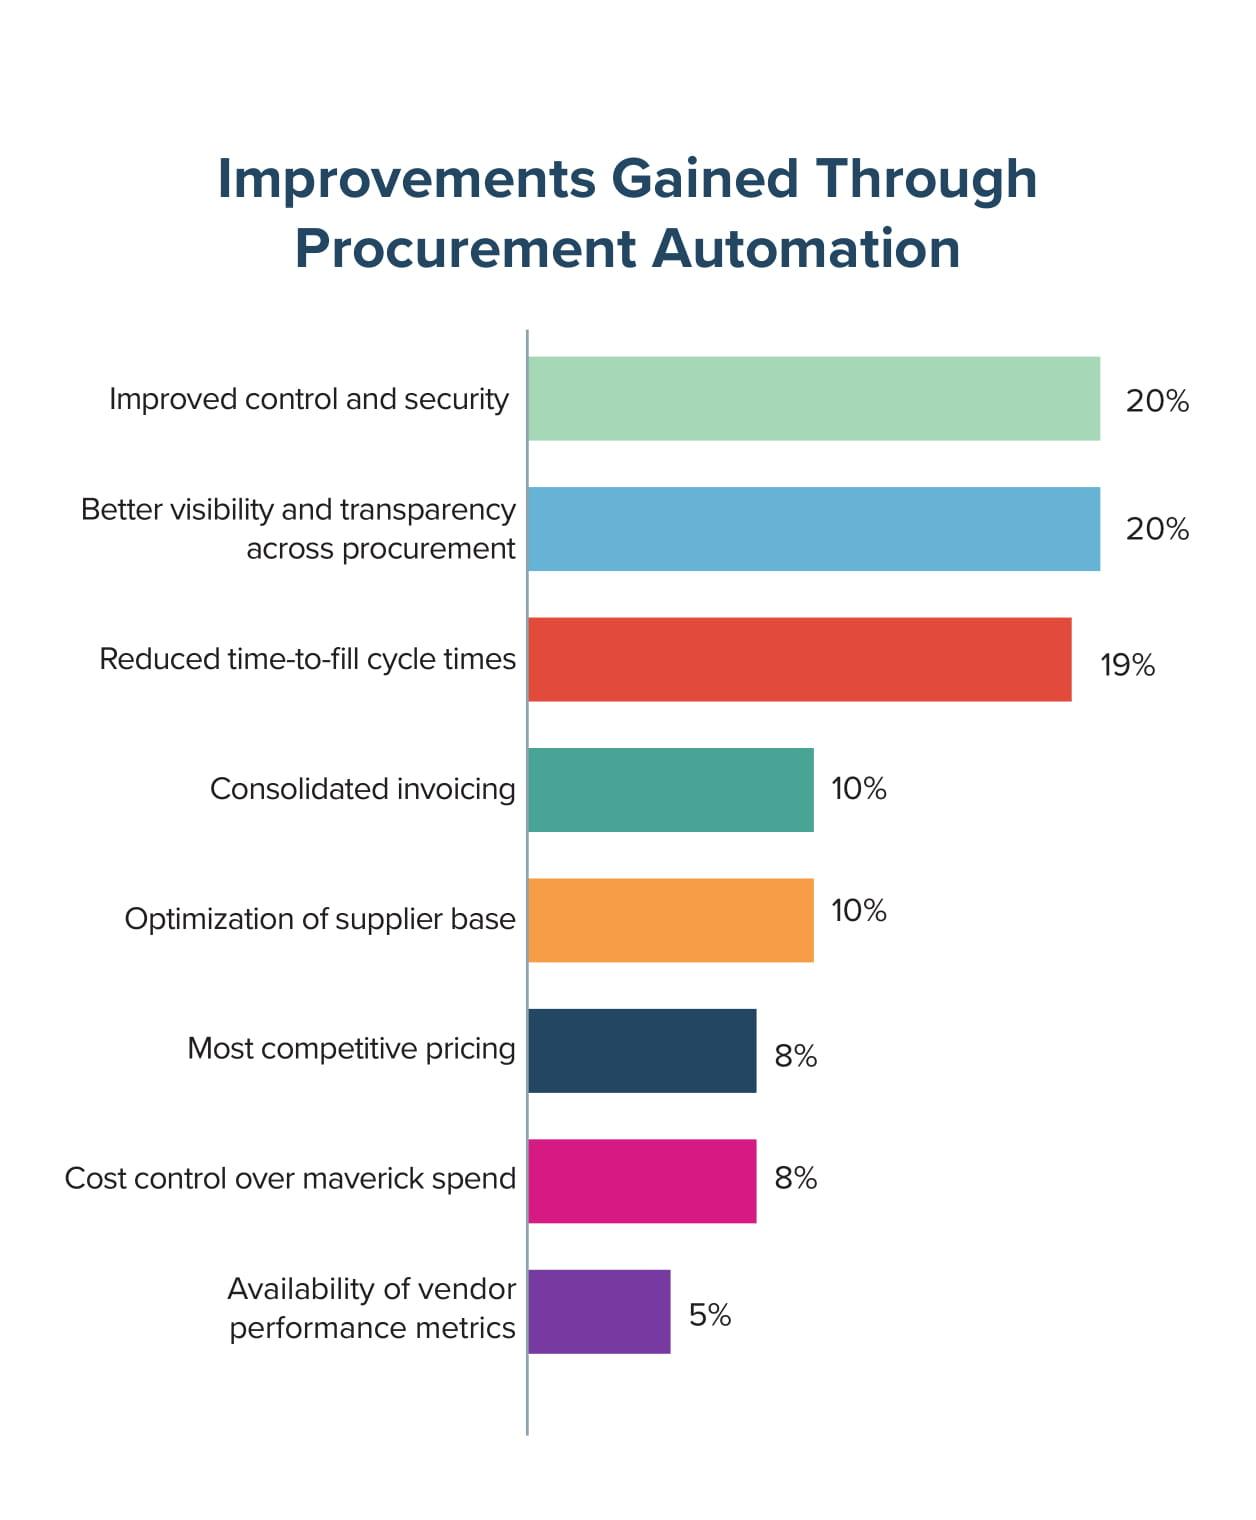 Improvements Gained Through Procurement Automation